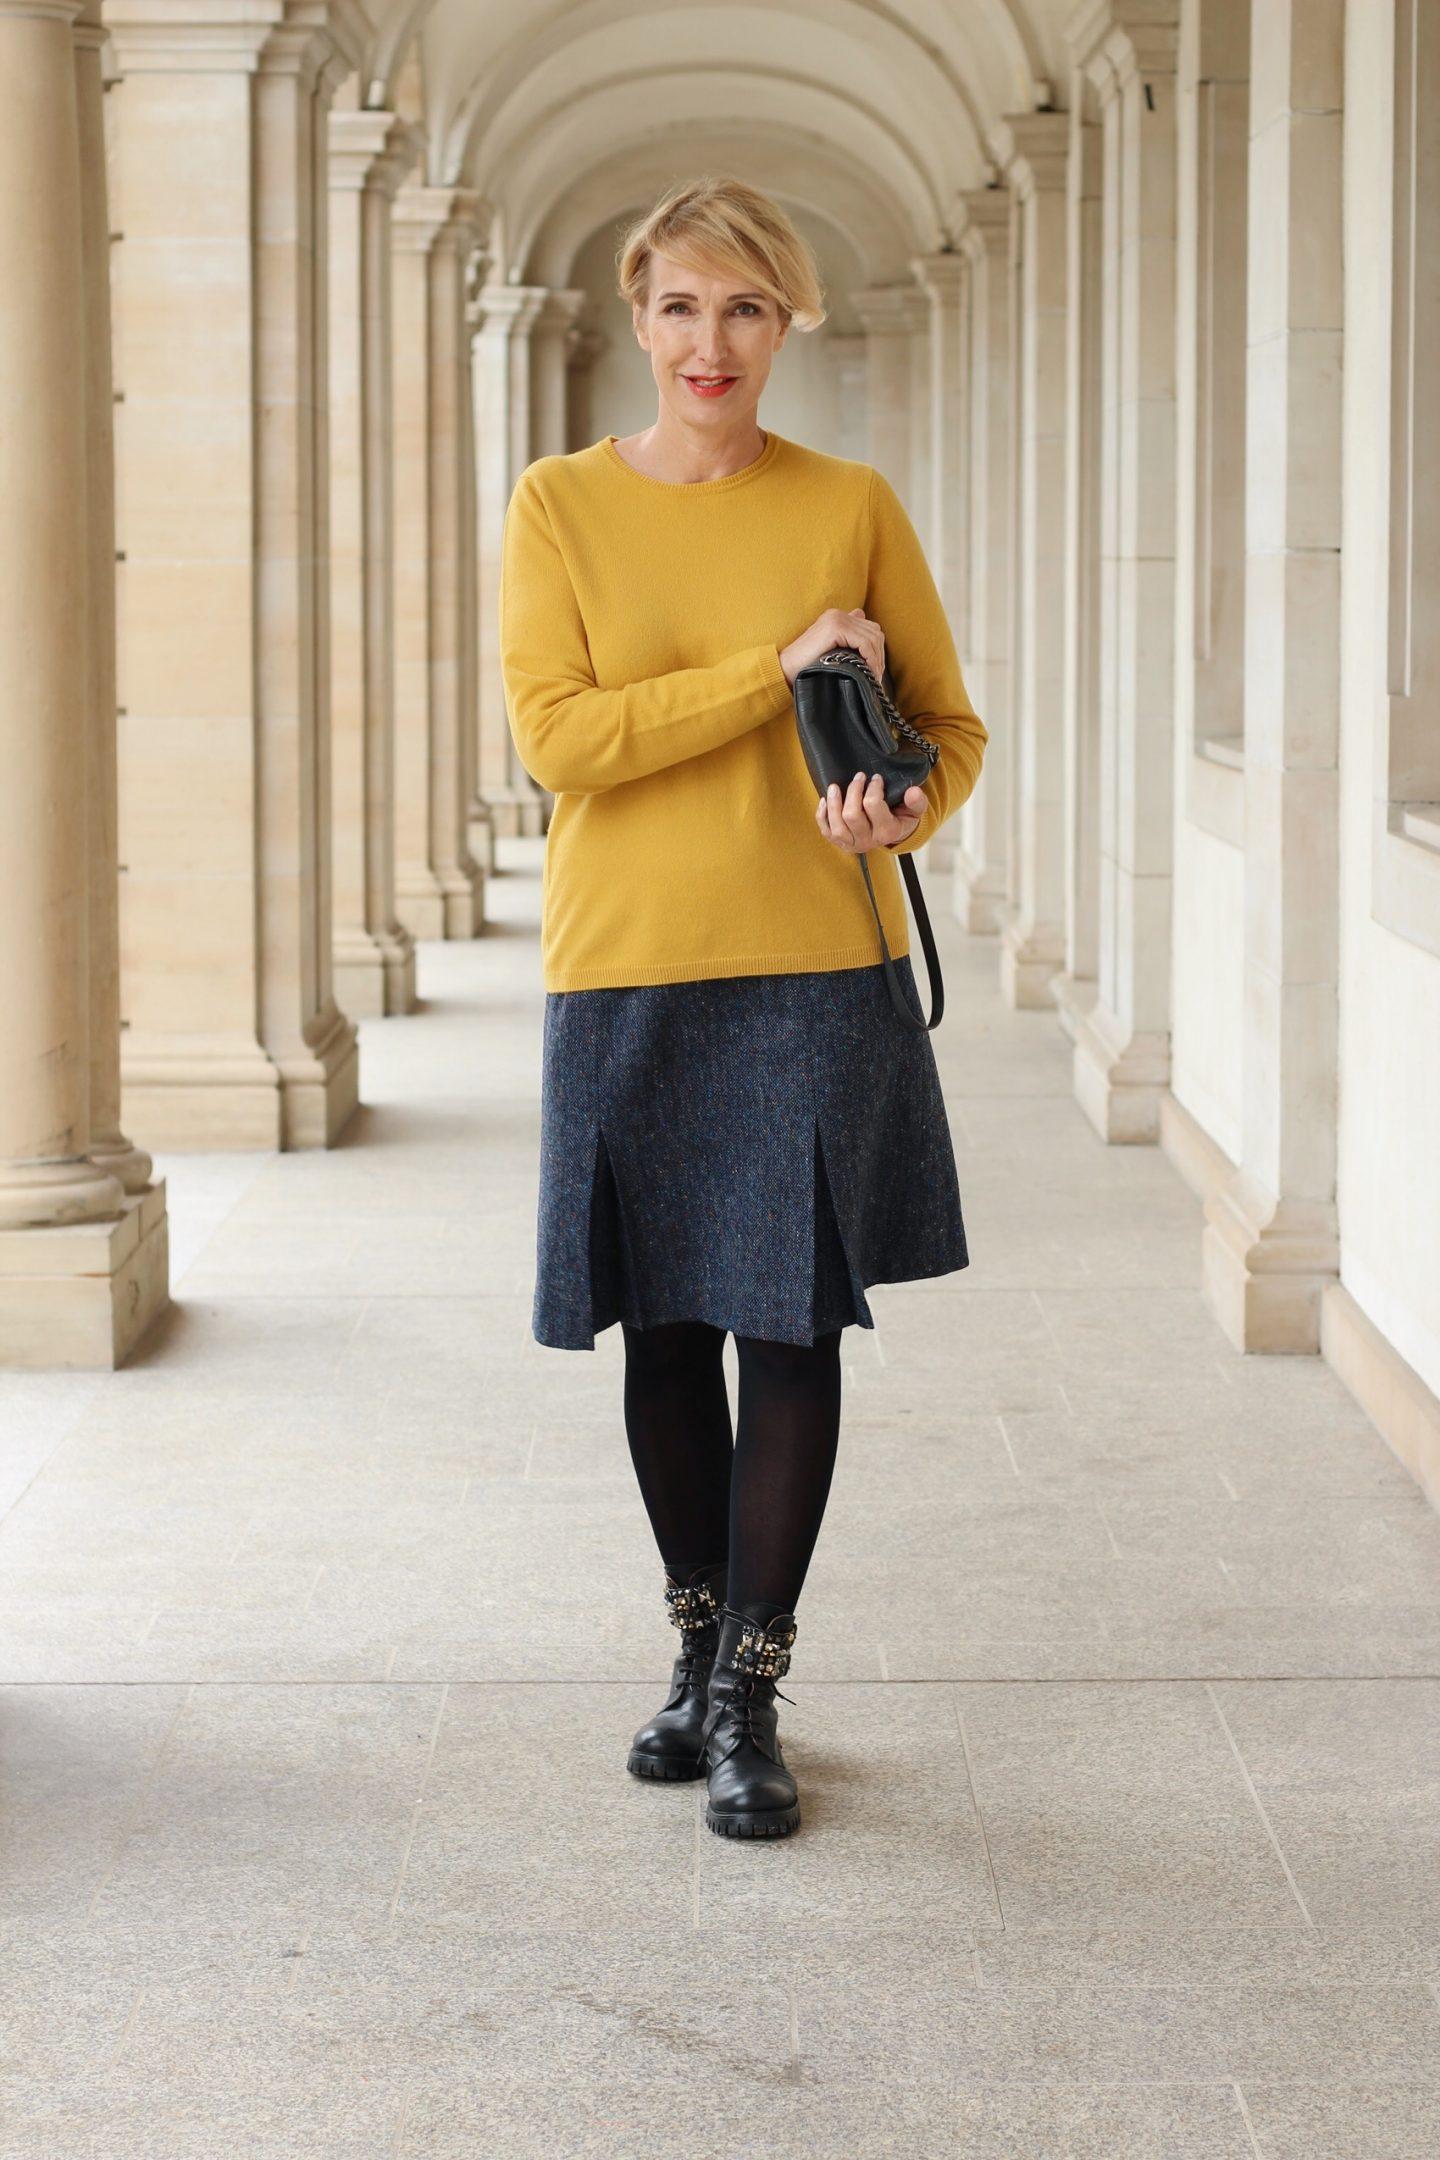 glamupyourlifestyle tweed englischer-Stil tweed-Mantel Country-Style ue-40-blog ü-40-blog ü-50-blog ue-50-blog